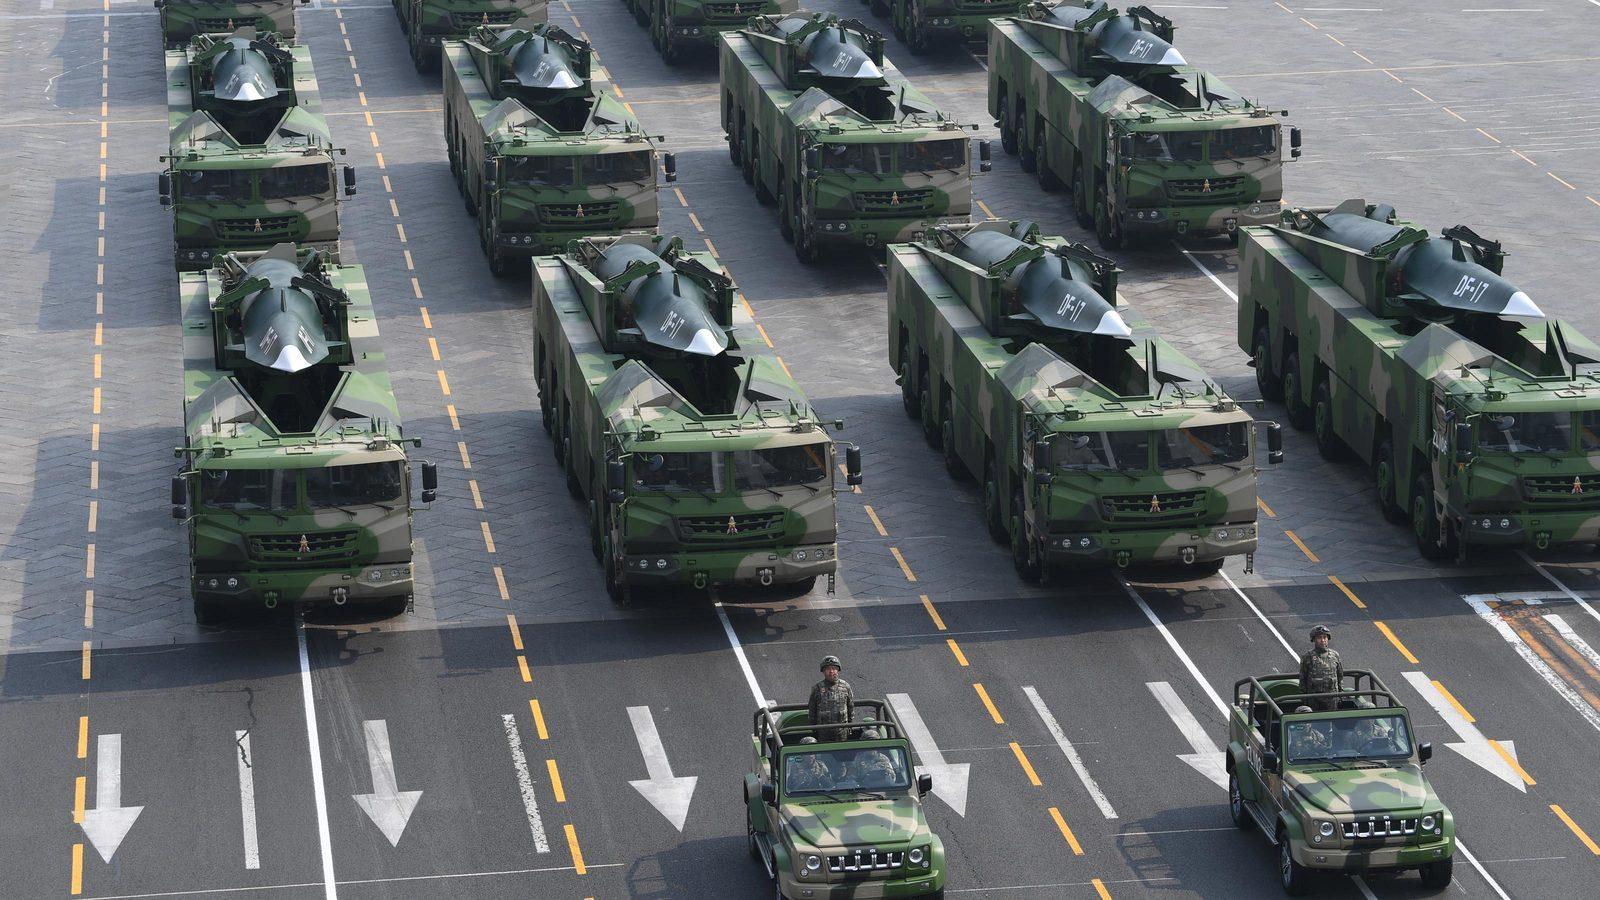 香港の自由を奪う中国の魂胆は見え透いている 国際社会が「助け舟」を出す時だ